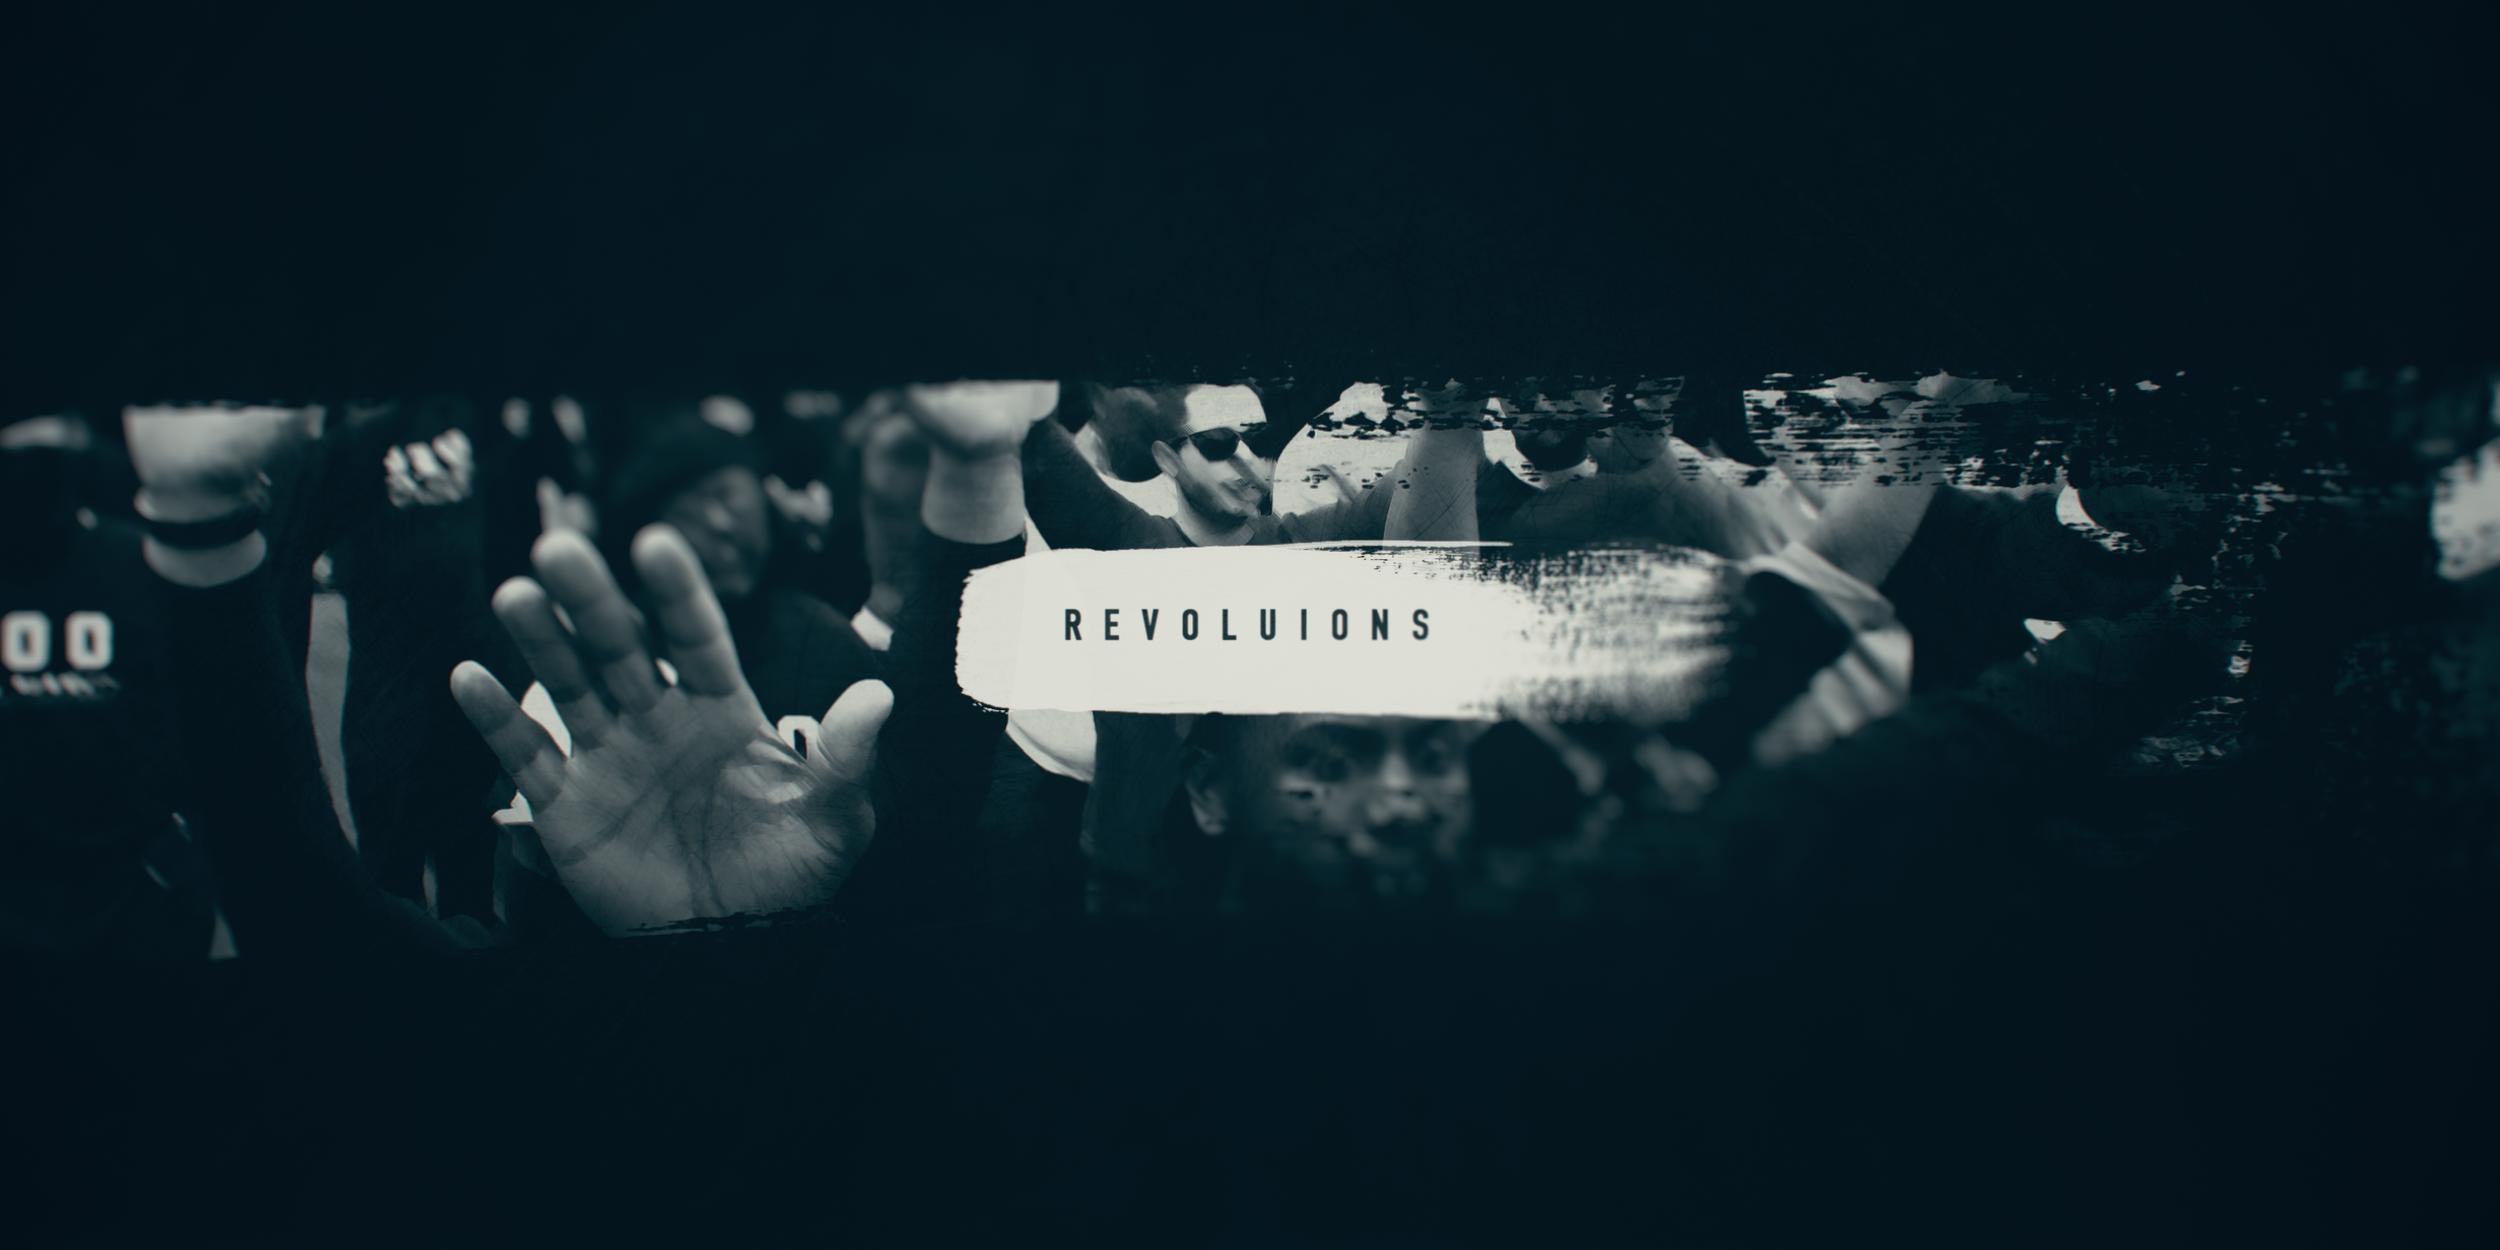 Revolutions_Styleframe01_v3 (0-00-00-00).png